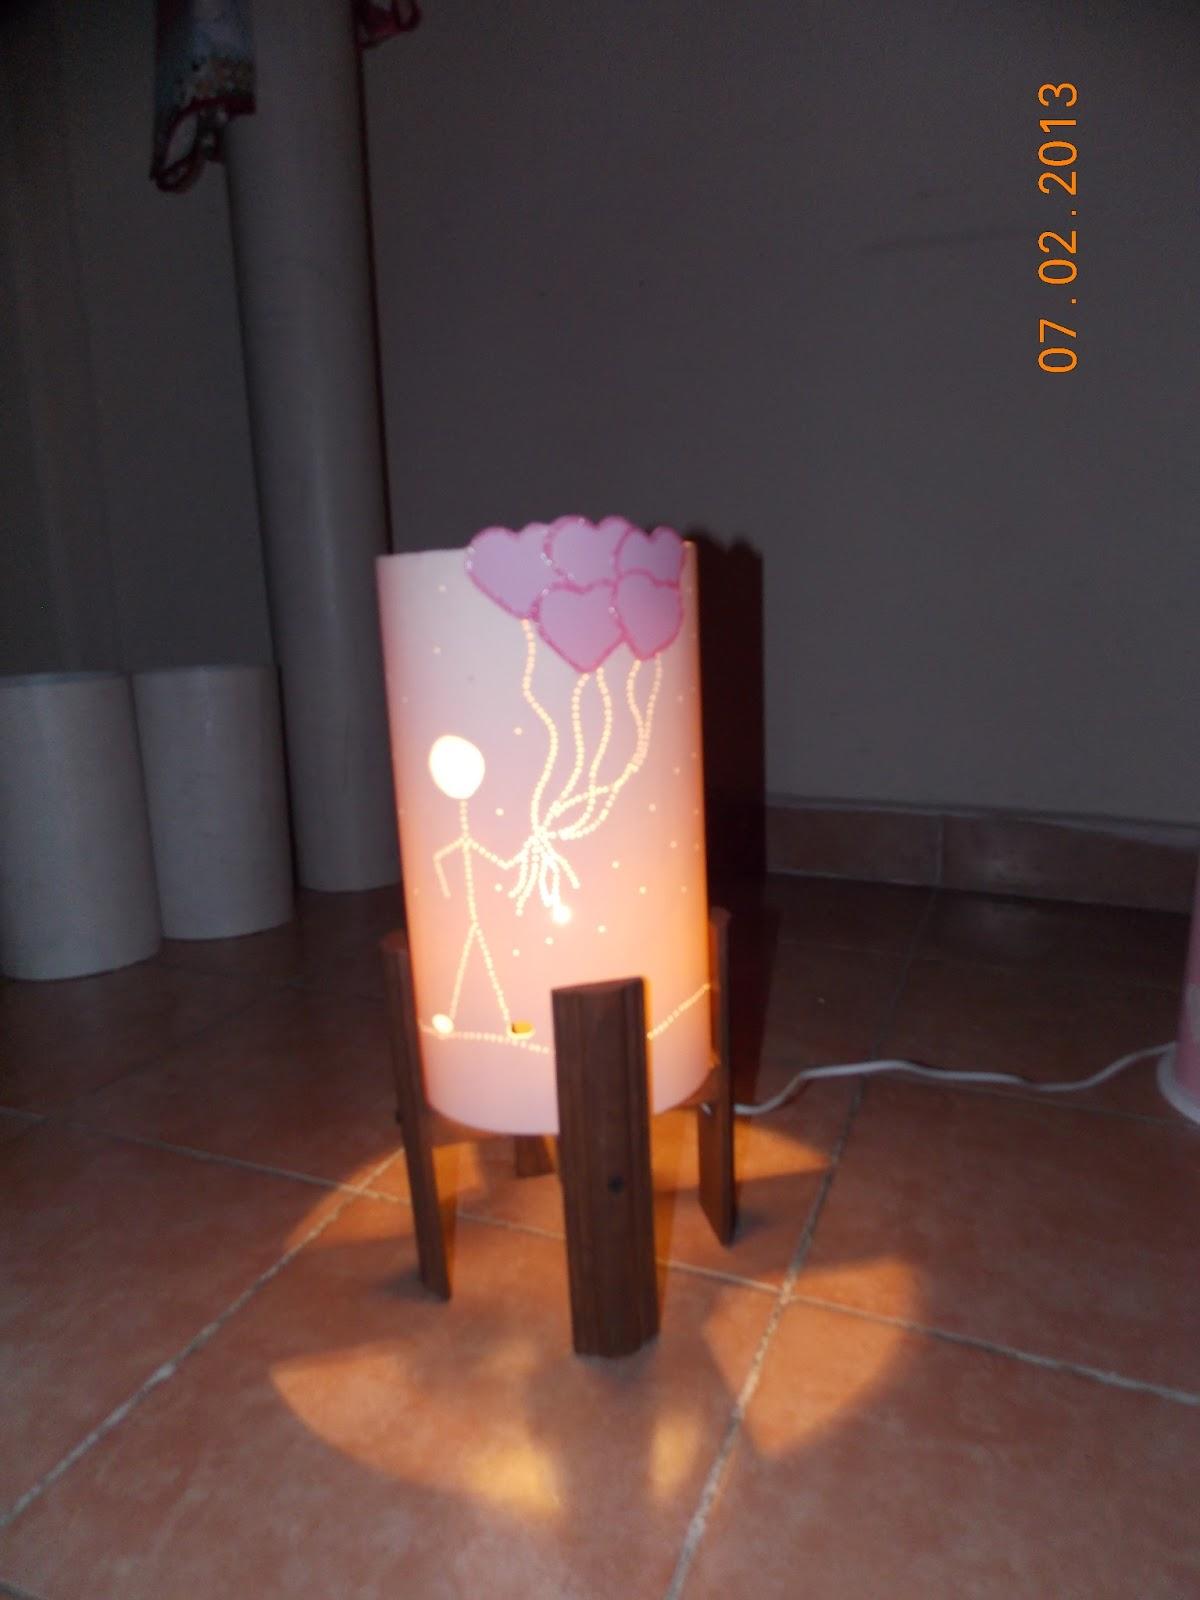 Lamparas artesanales de pvc en mexico lamparas de pbc - Lamparas pared diseno ...